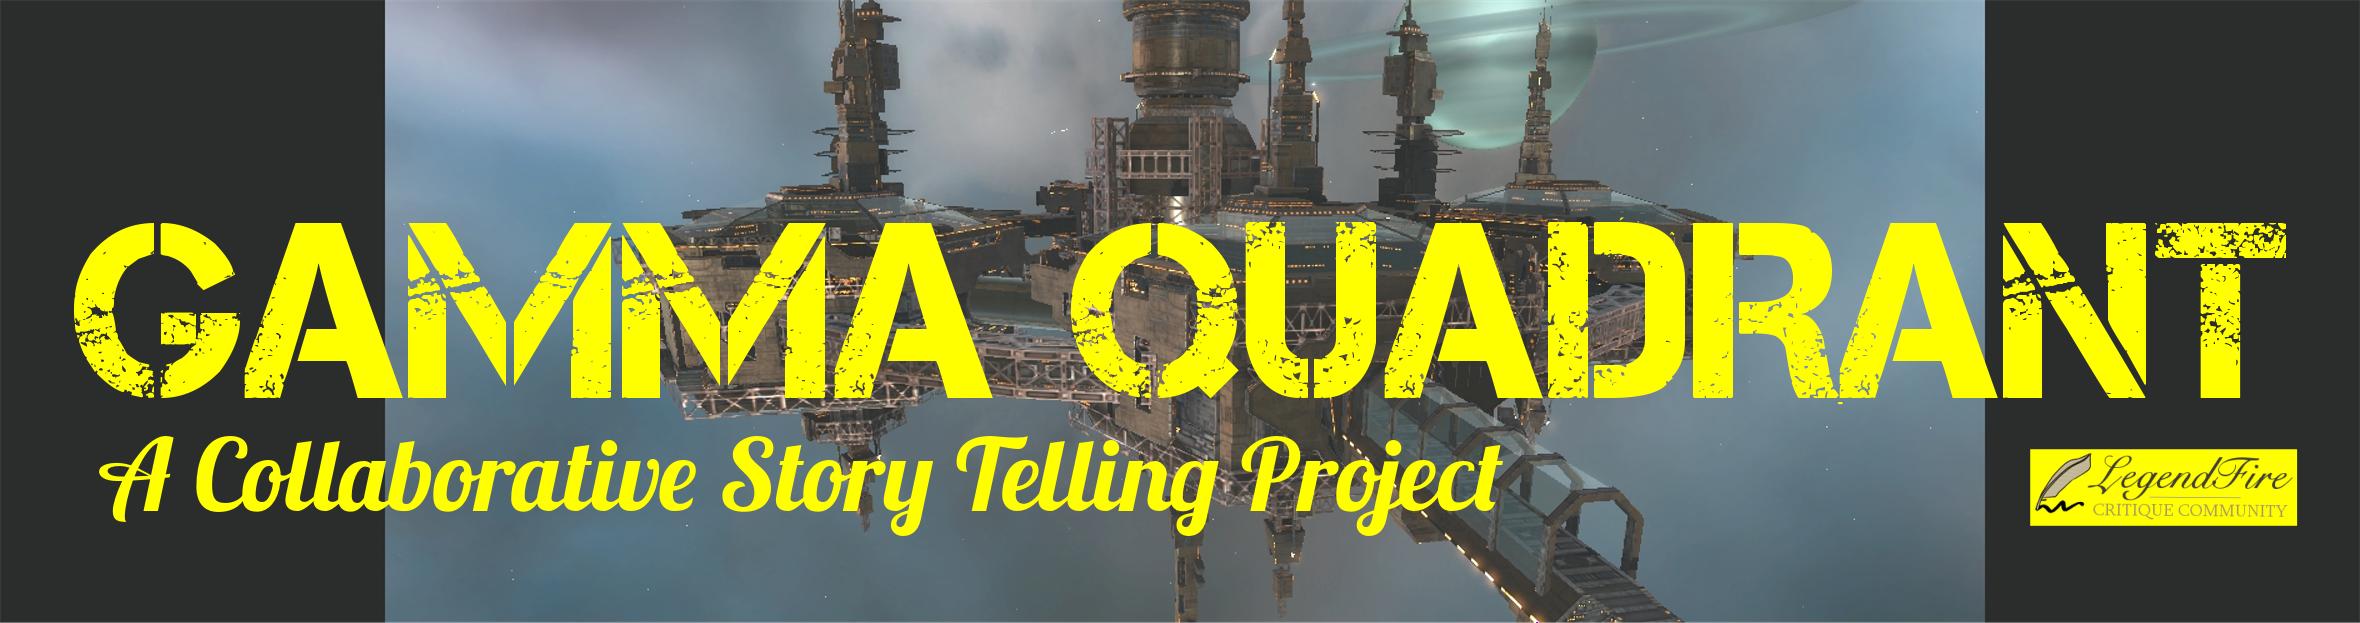 Gamma quadrant banner 1